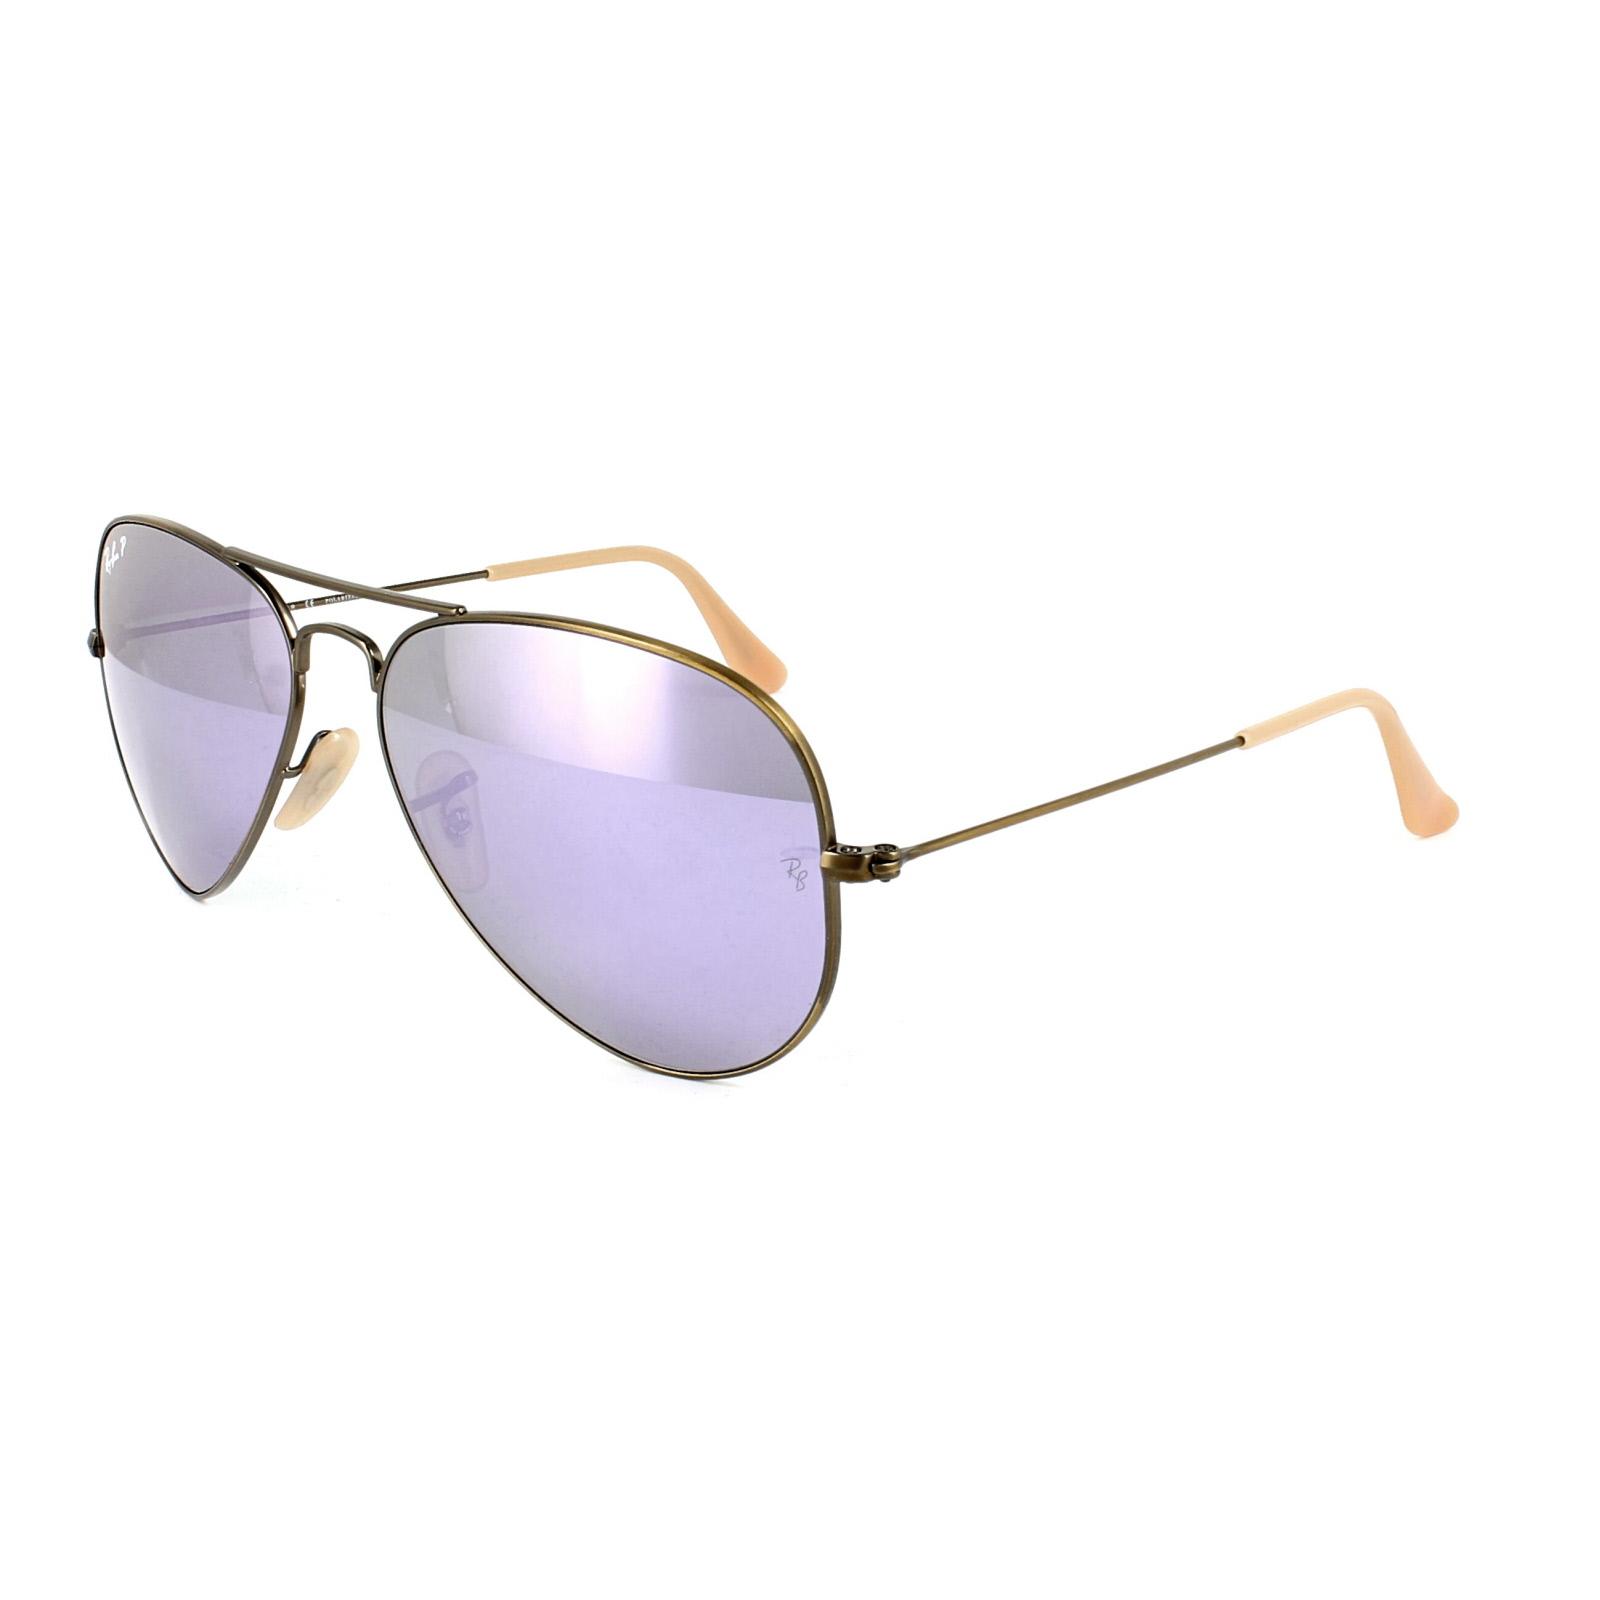 Ray ban occhiali da sole aviator 3025 167 1r bronzo rame - Specchio polarizzato ...